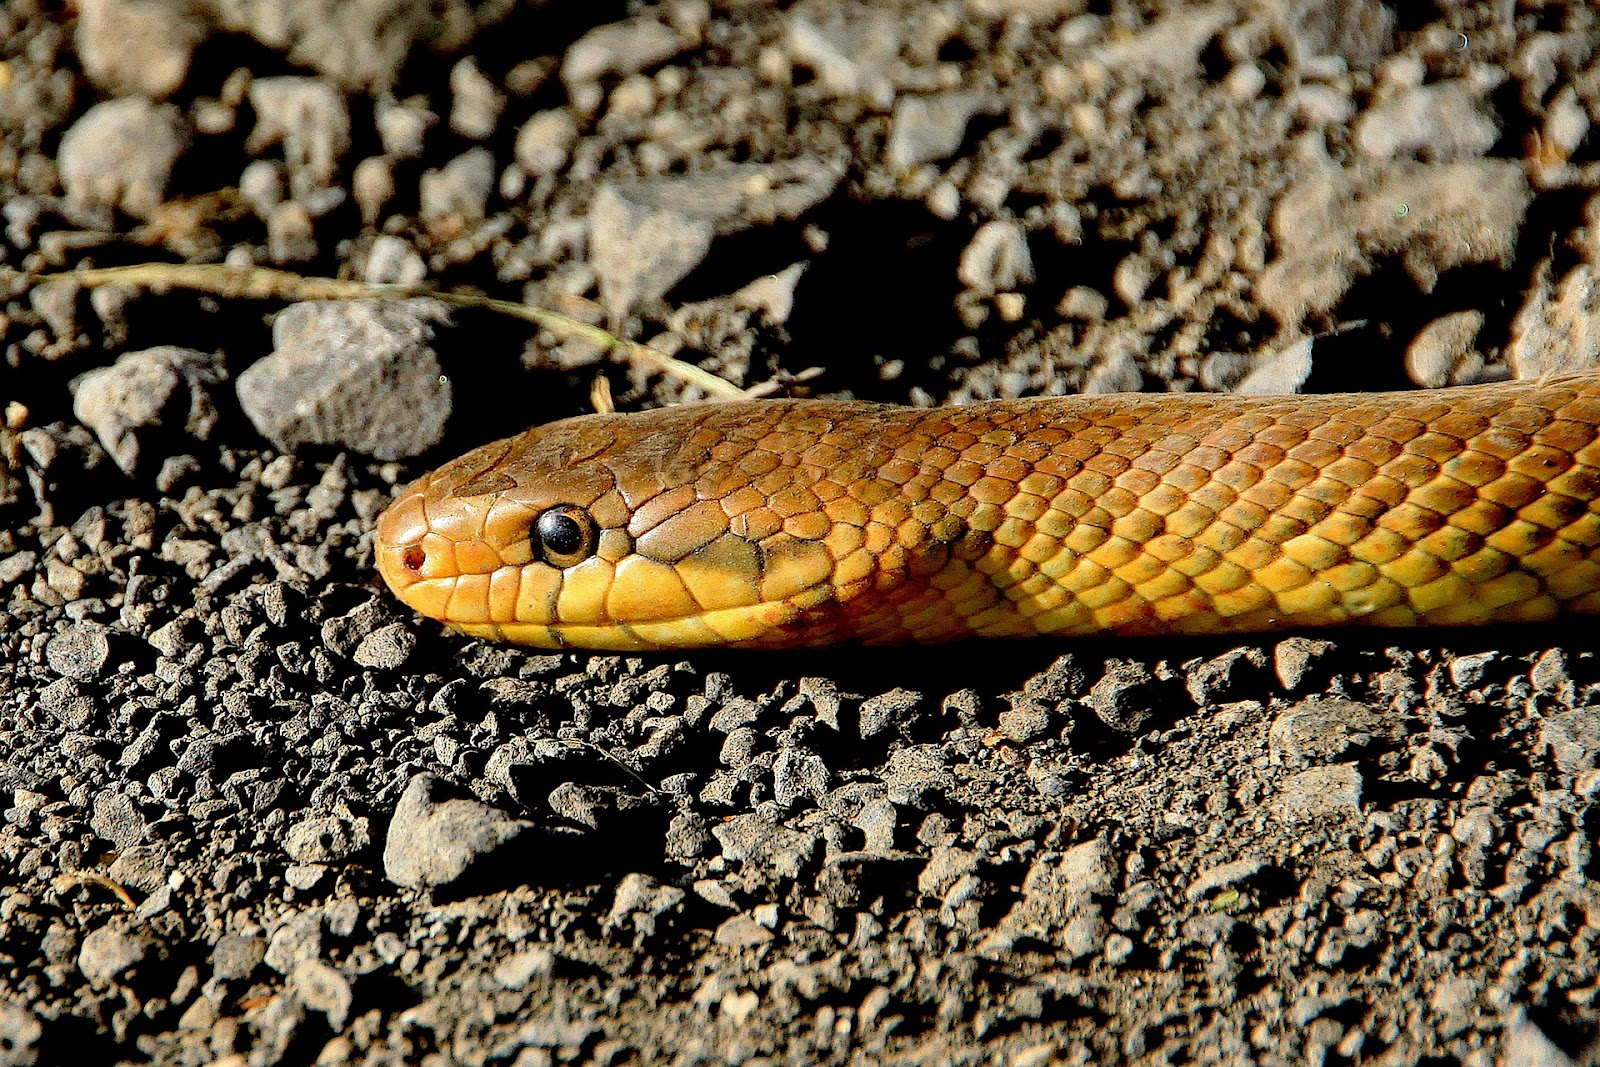 Snake on rocky ground